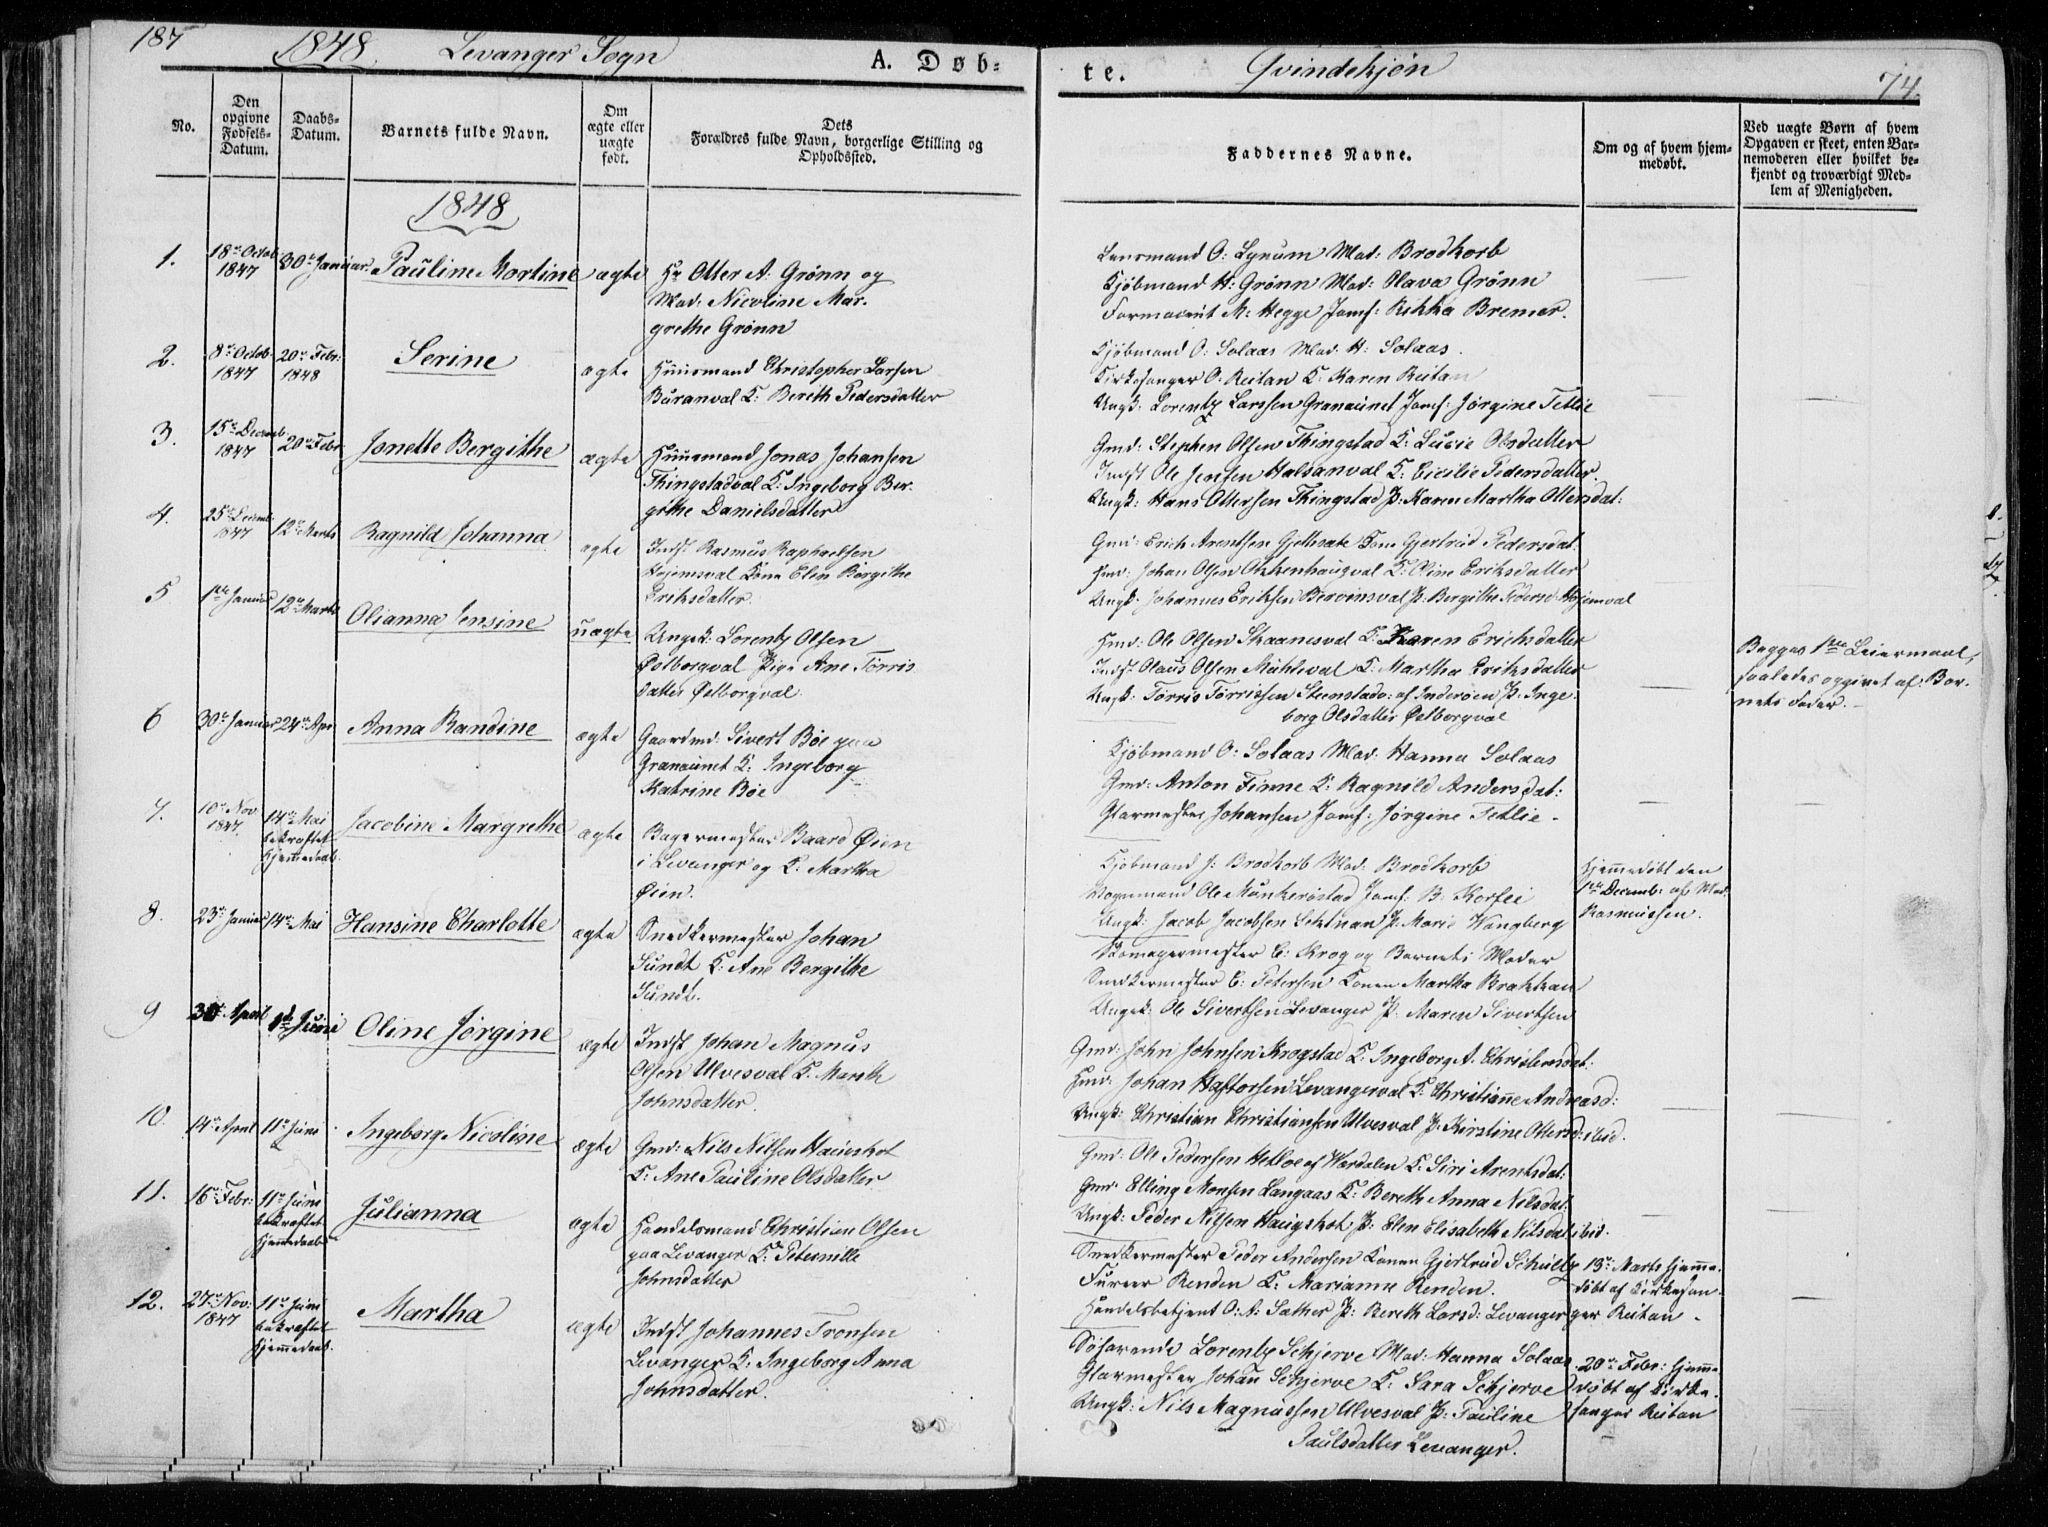 SAT, Ministerialprotokoller, klokkerbøker og fødselsregistre - Nord-Trøndelag, 720/L0183: Ministerialbok nr. 720A01, 1836-1855, s. 74